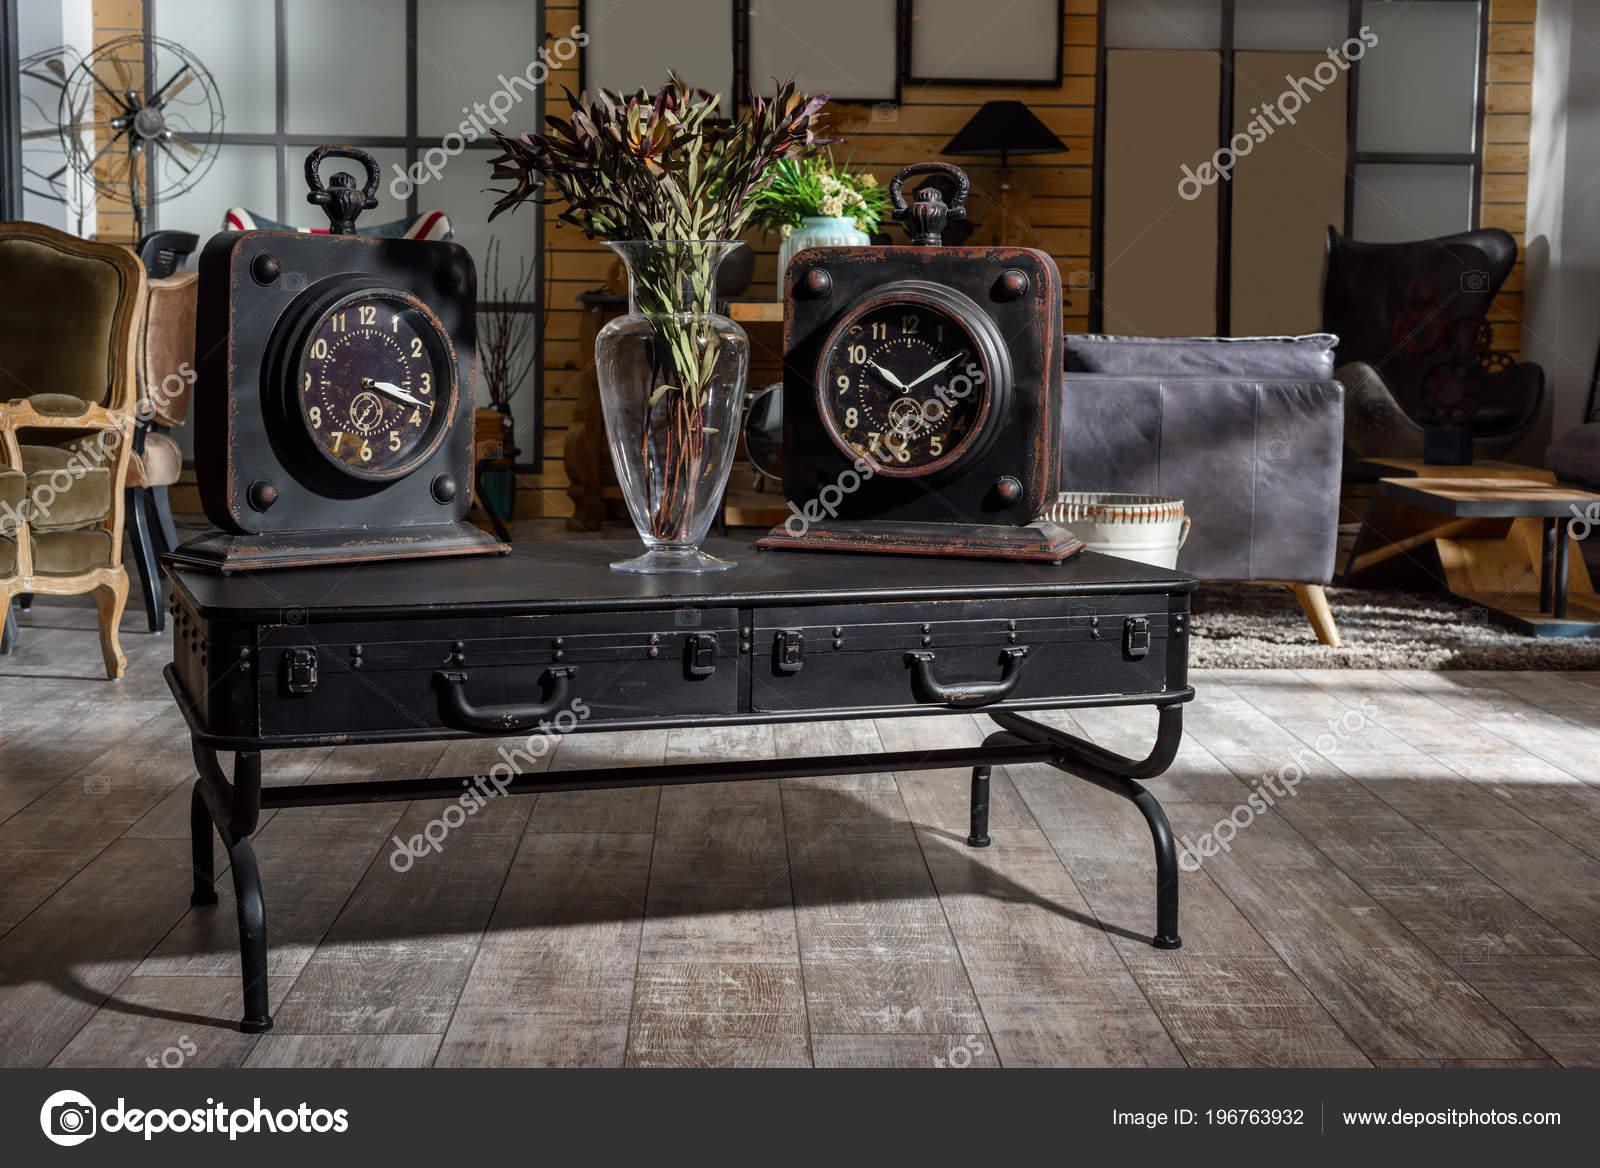 Uhren Wohnzimmer | Inneren Gestylt Modernen Retro Wohnzimmer Mit Zwei Uhren Und